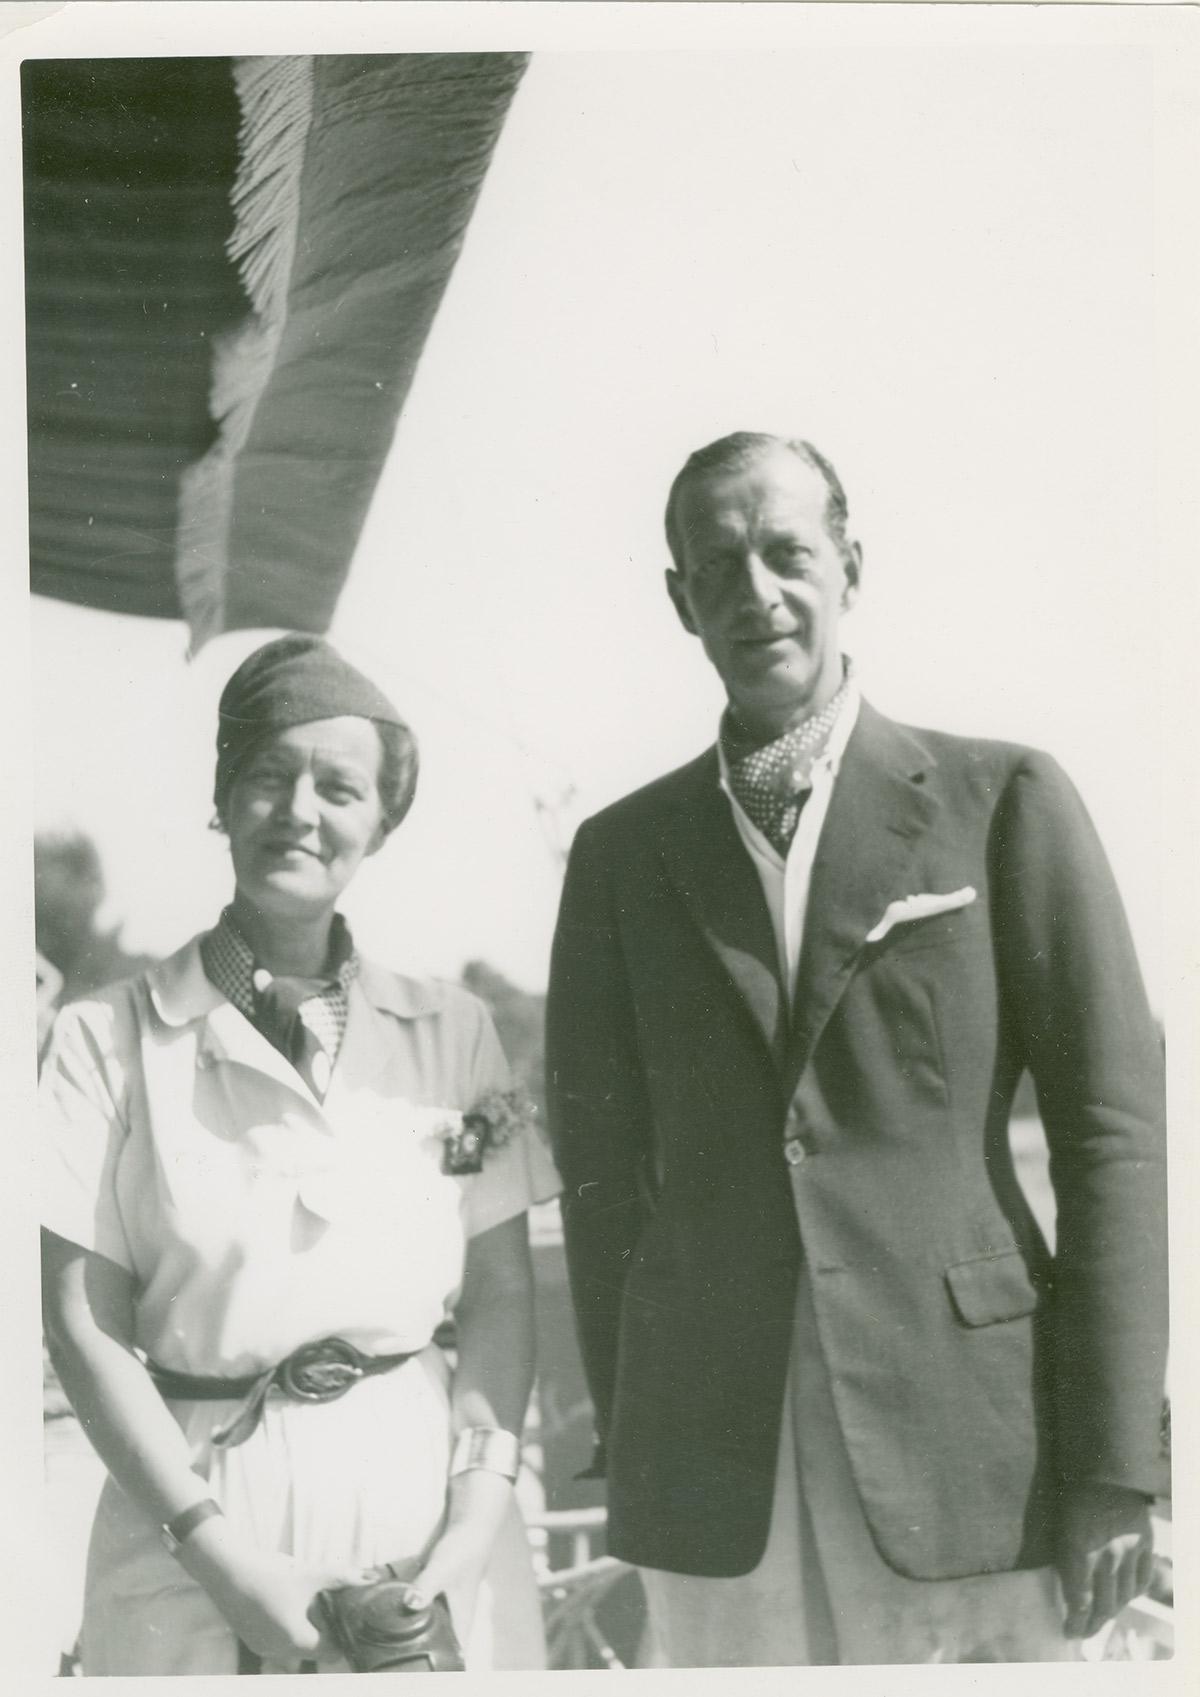 Dimitri et sa sœur Marie, qui ont perdu très tôt leur mère et qui ne voyaient presque pas leur père, étaient très attachés l'un à l'autre. \ Le grand-duc Dimitri et sa sœur Marie à Cannes.